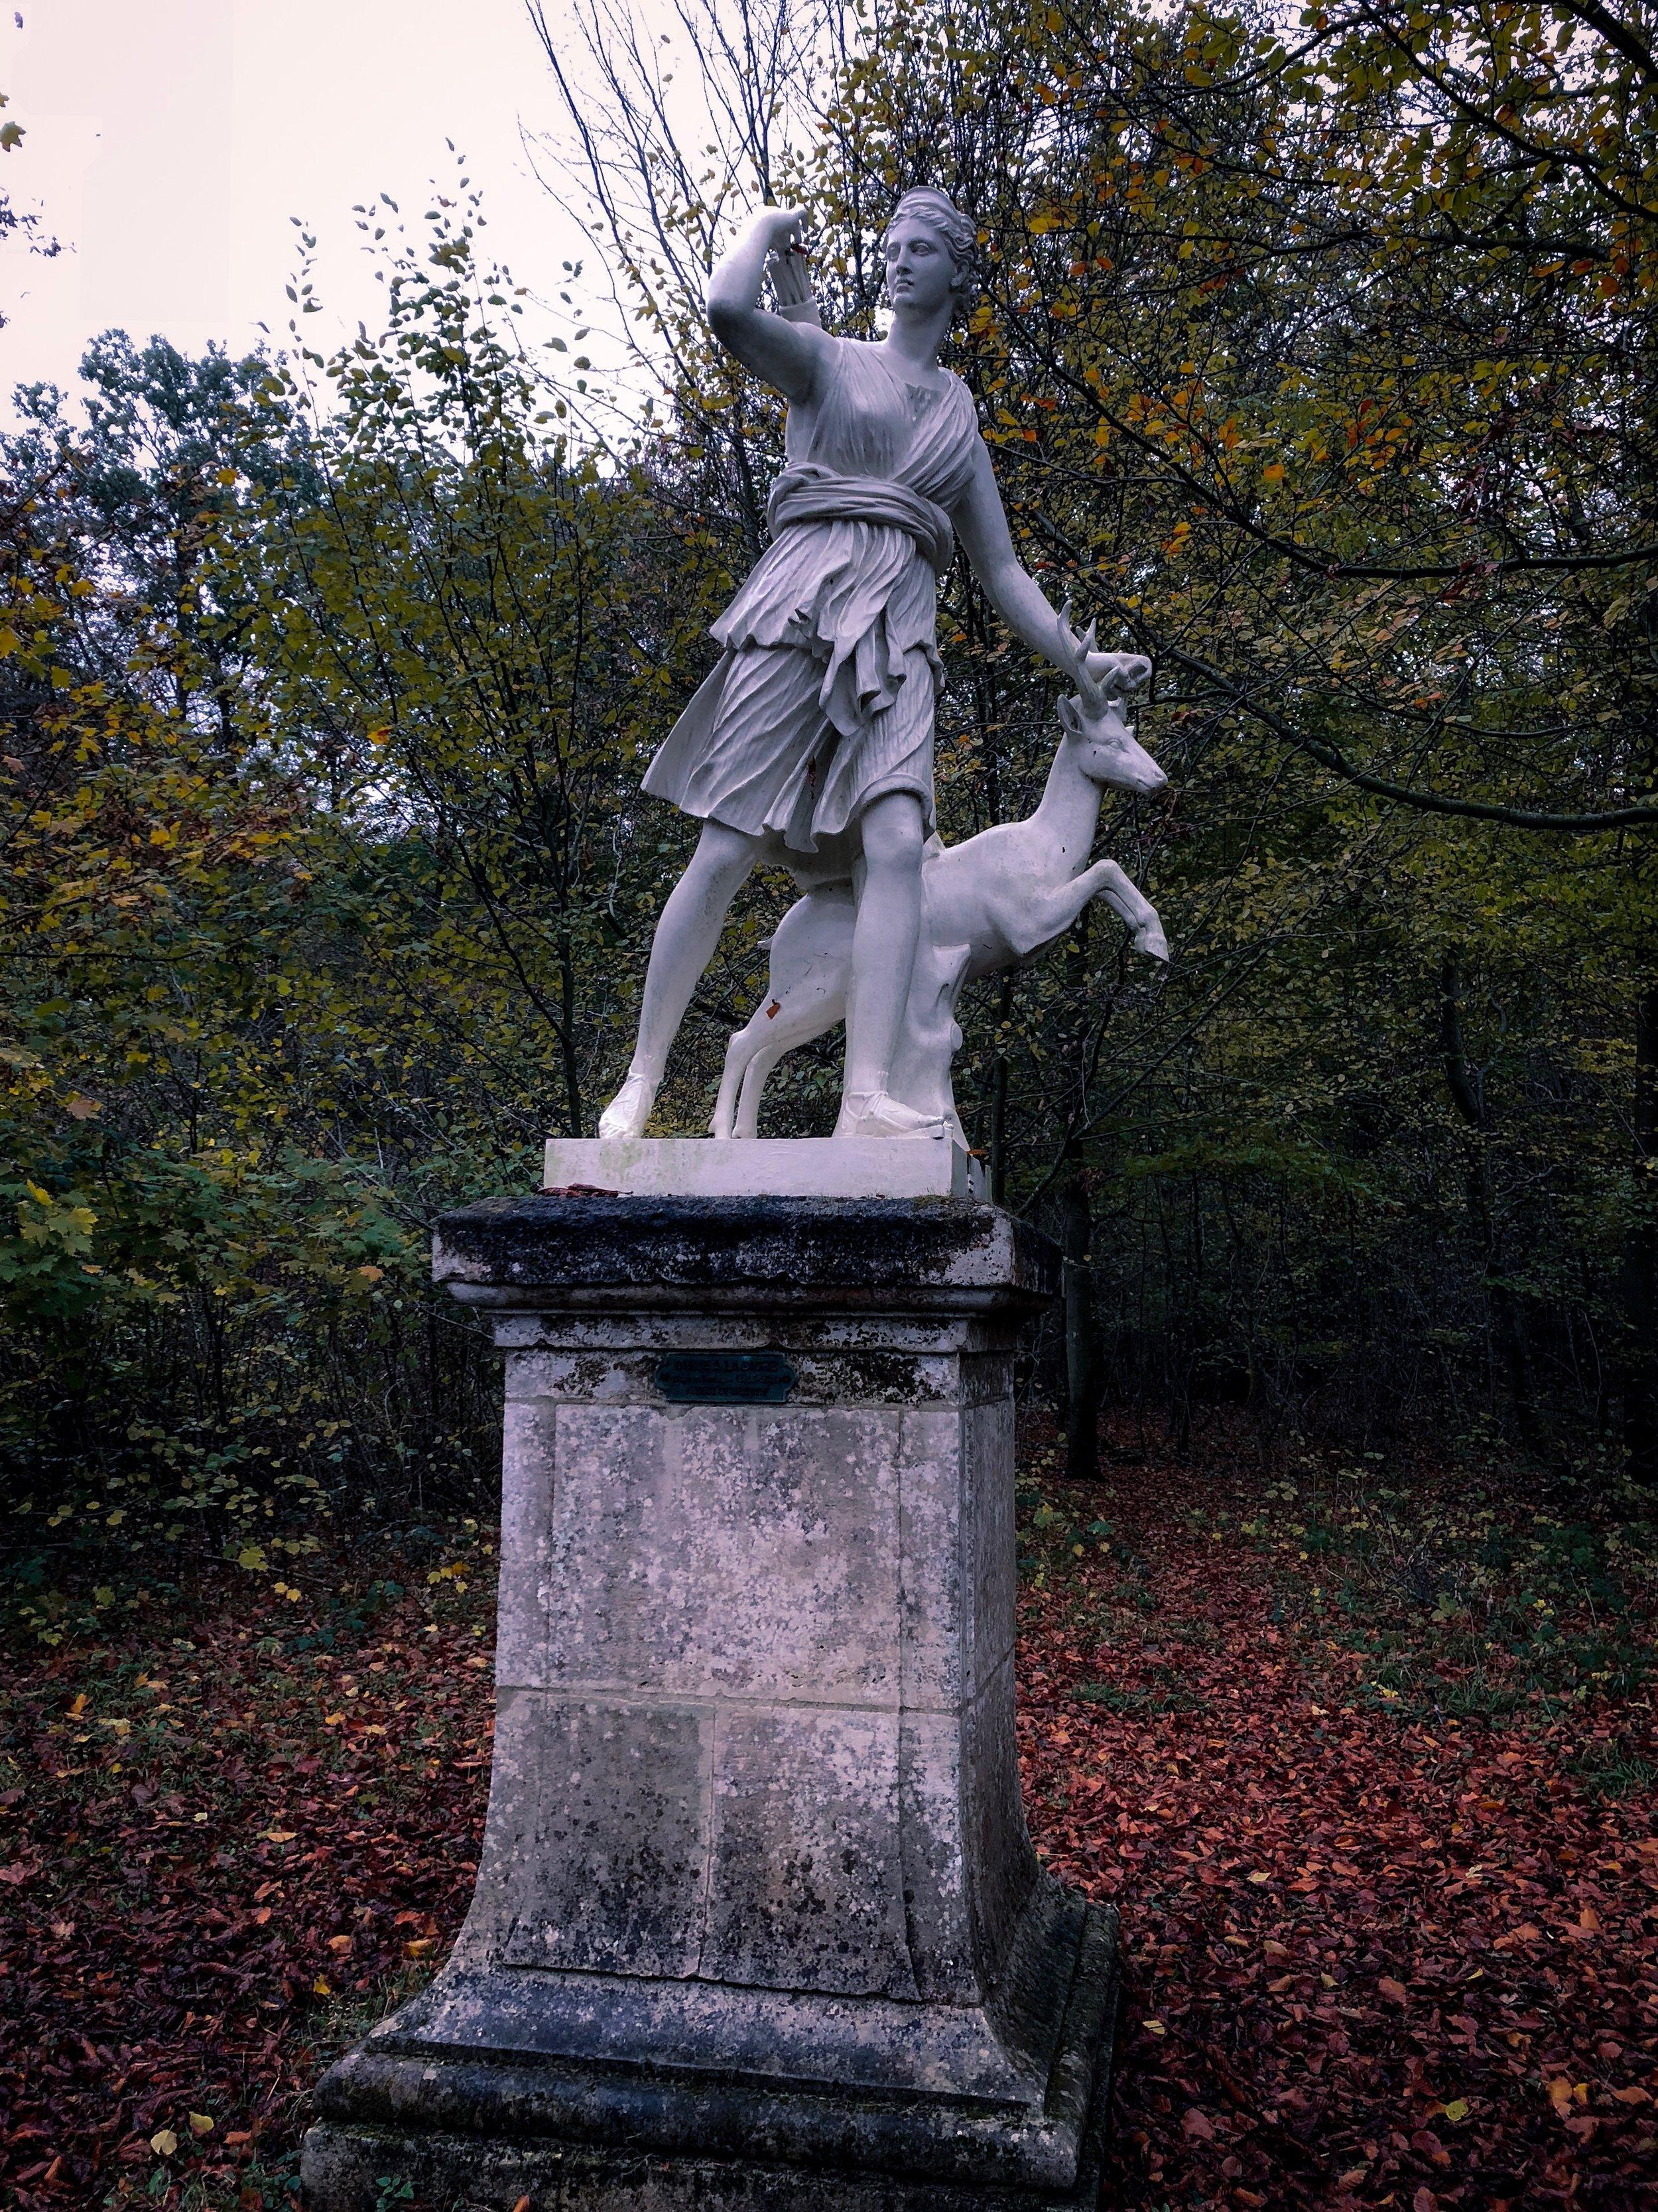 Diana_statue_Chantilly.JPG